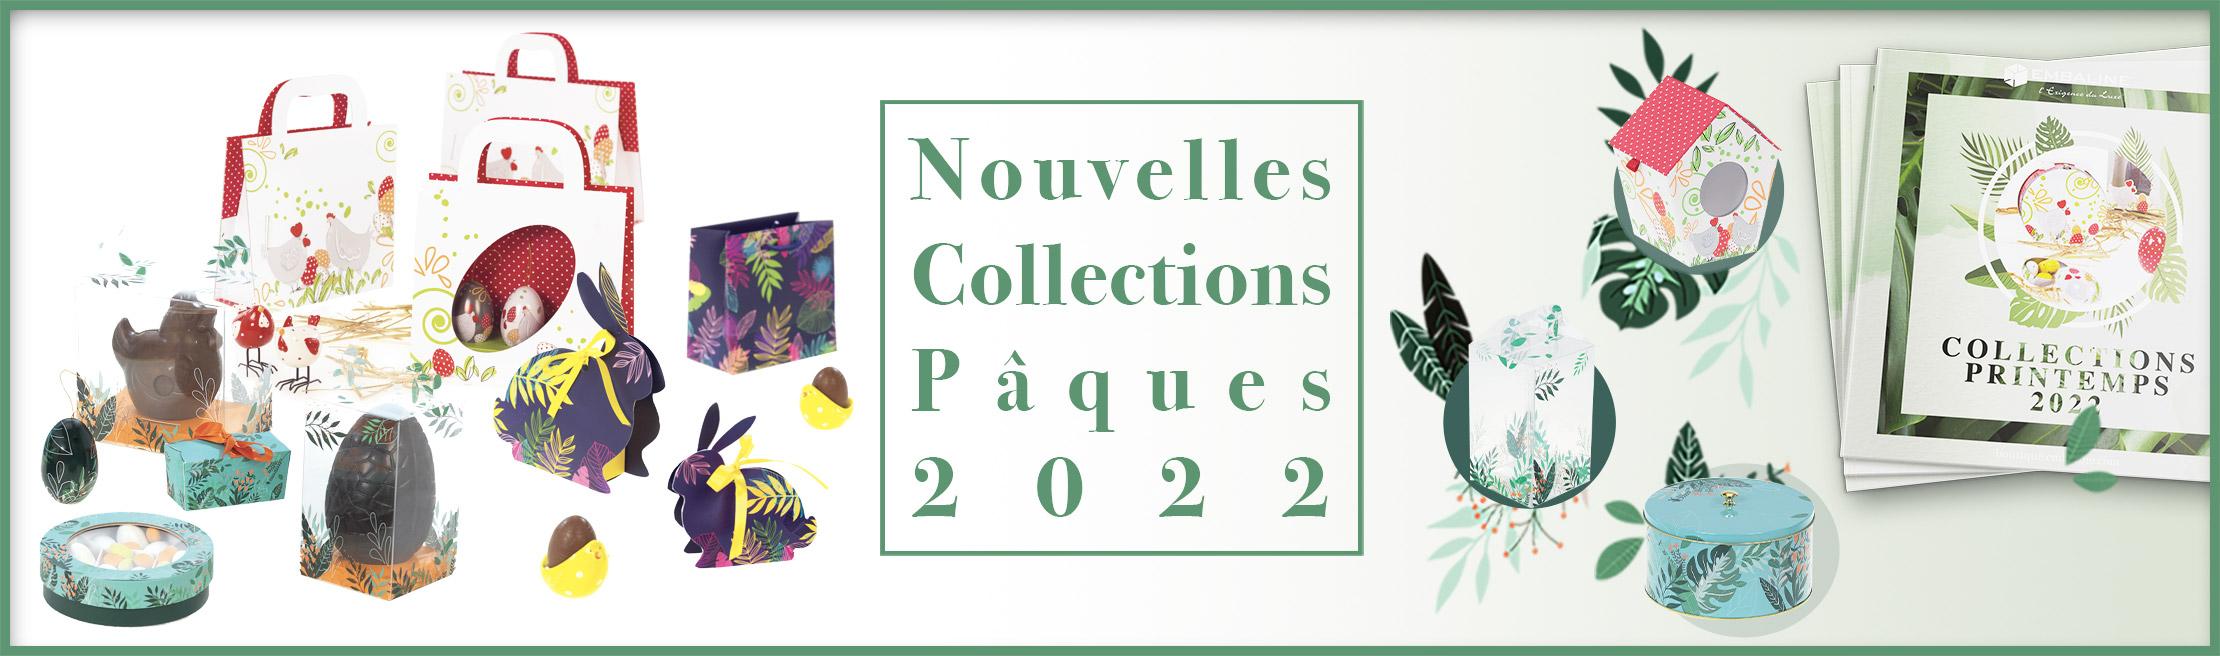 Les nouvelles collections Embaline printemps été 2022 sont arrivées